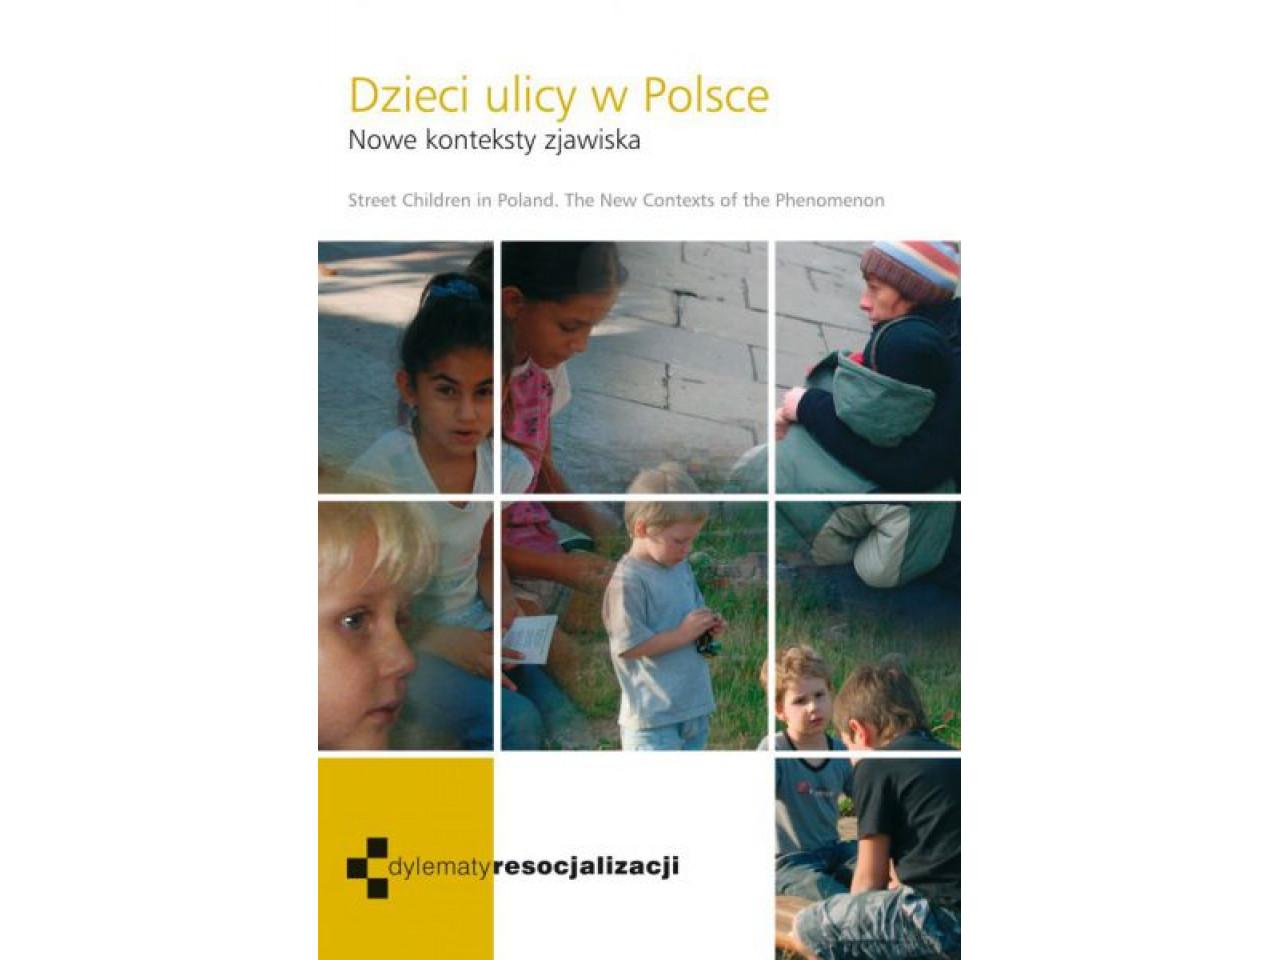 8cc682adf Dzieci ulicy w Polsce. Nowe konteksty zjawiska - 7339152252 ...